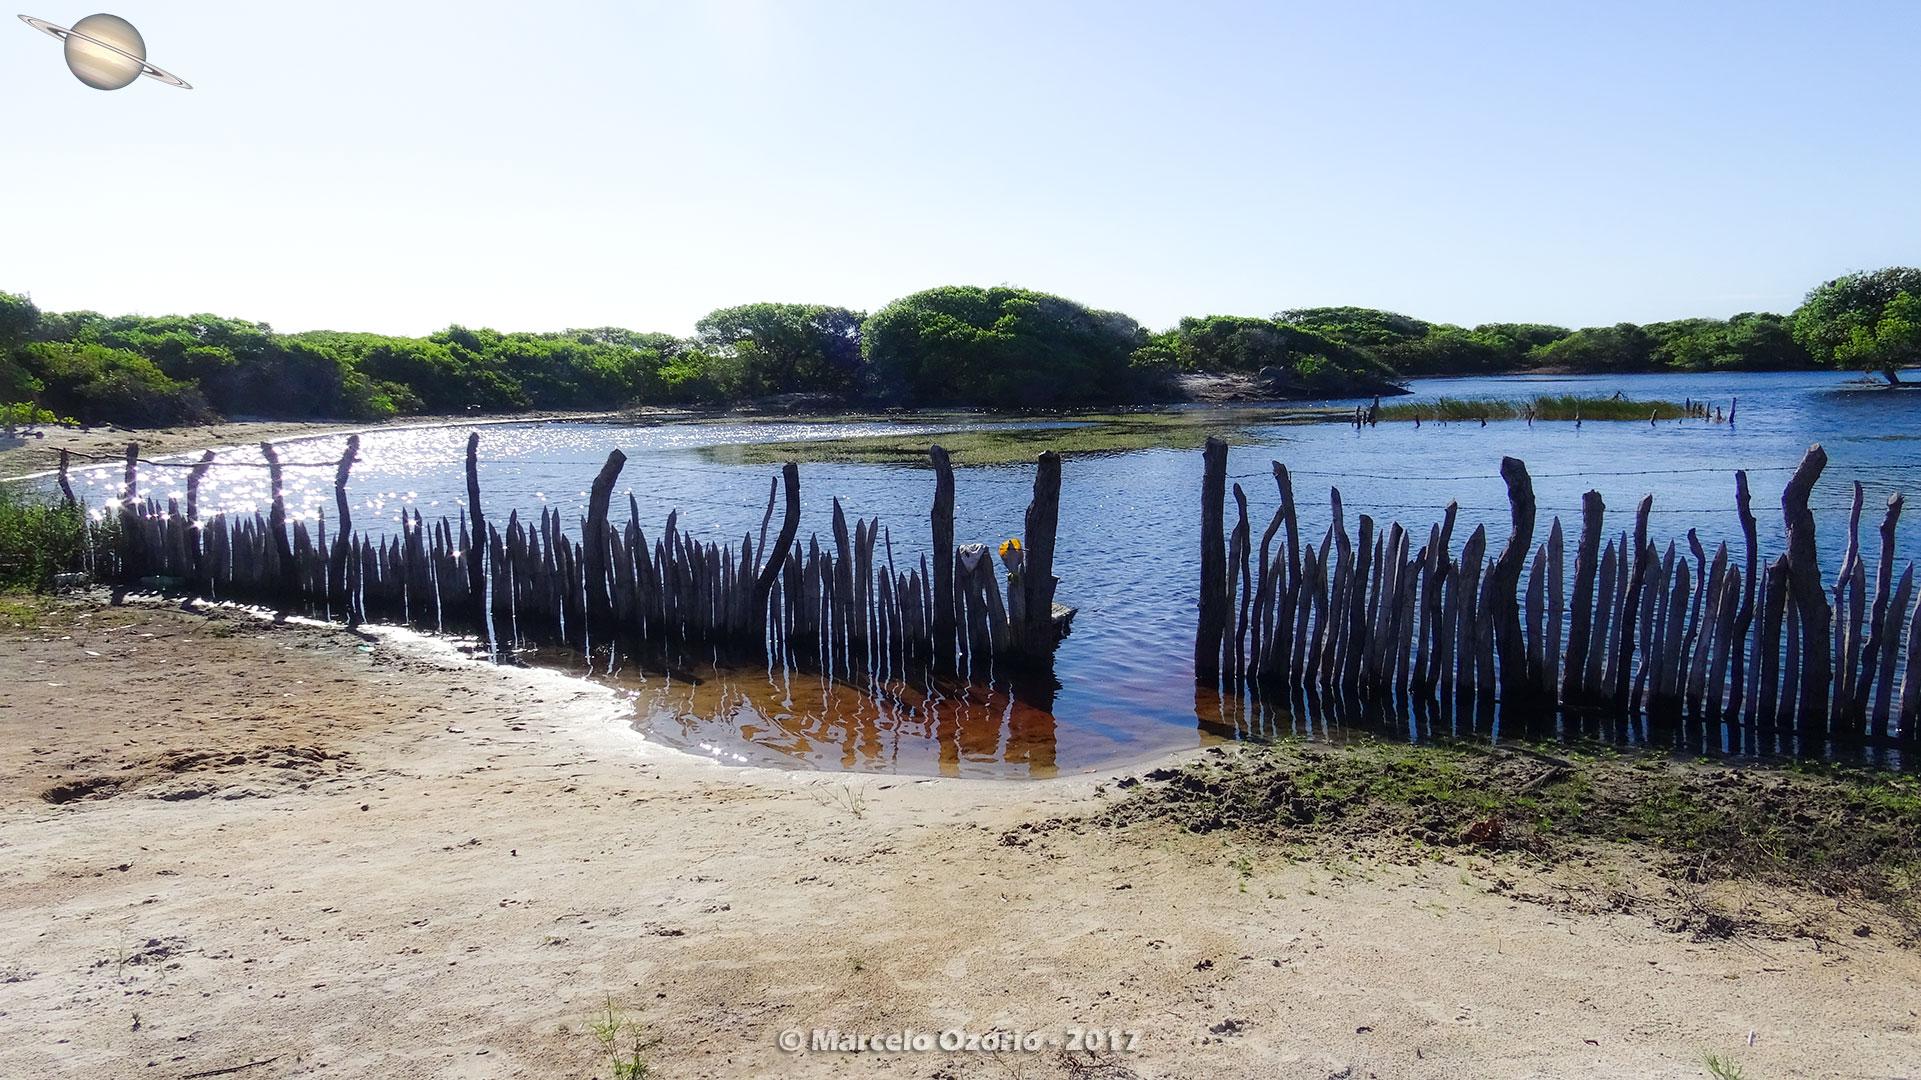 dia 3 explorando lencois maranhenses 50 - Explorando o Centro do Parque Nacional dos Lençóis Maranhenses - Brasil